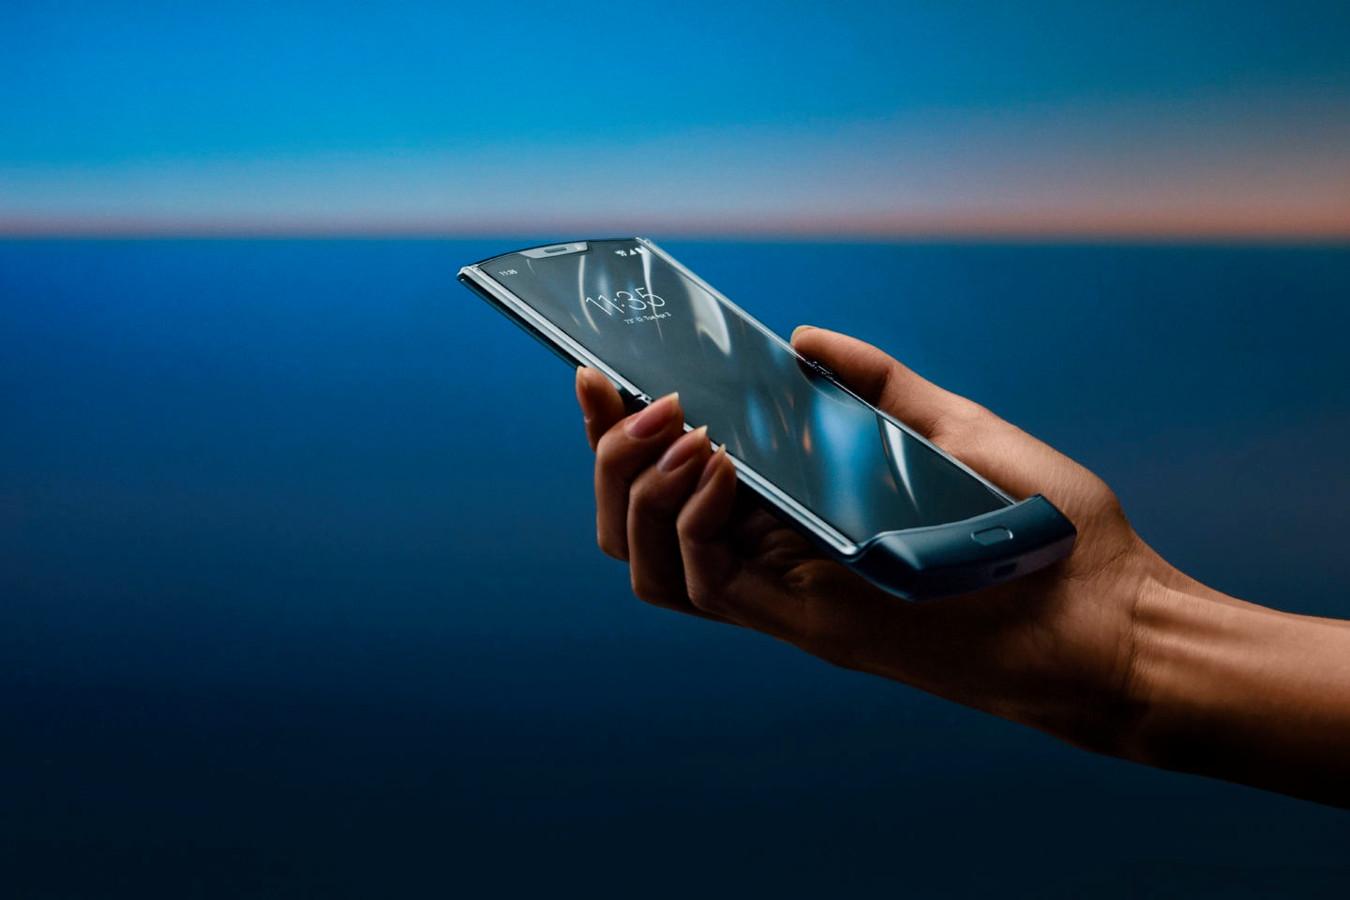 Le Razr 2019 possède une bordure en plastique placée en bas de l'écran qui, une fois le téléphone replié, rappellera le mdèle d'origine aux plus nostalgiques d'entre nous.